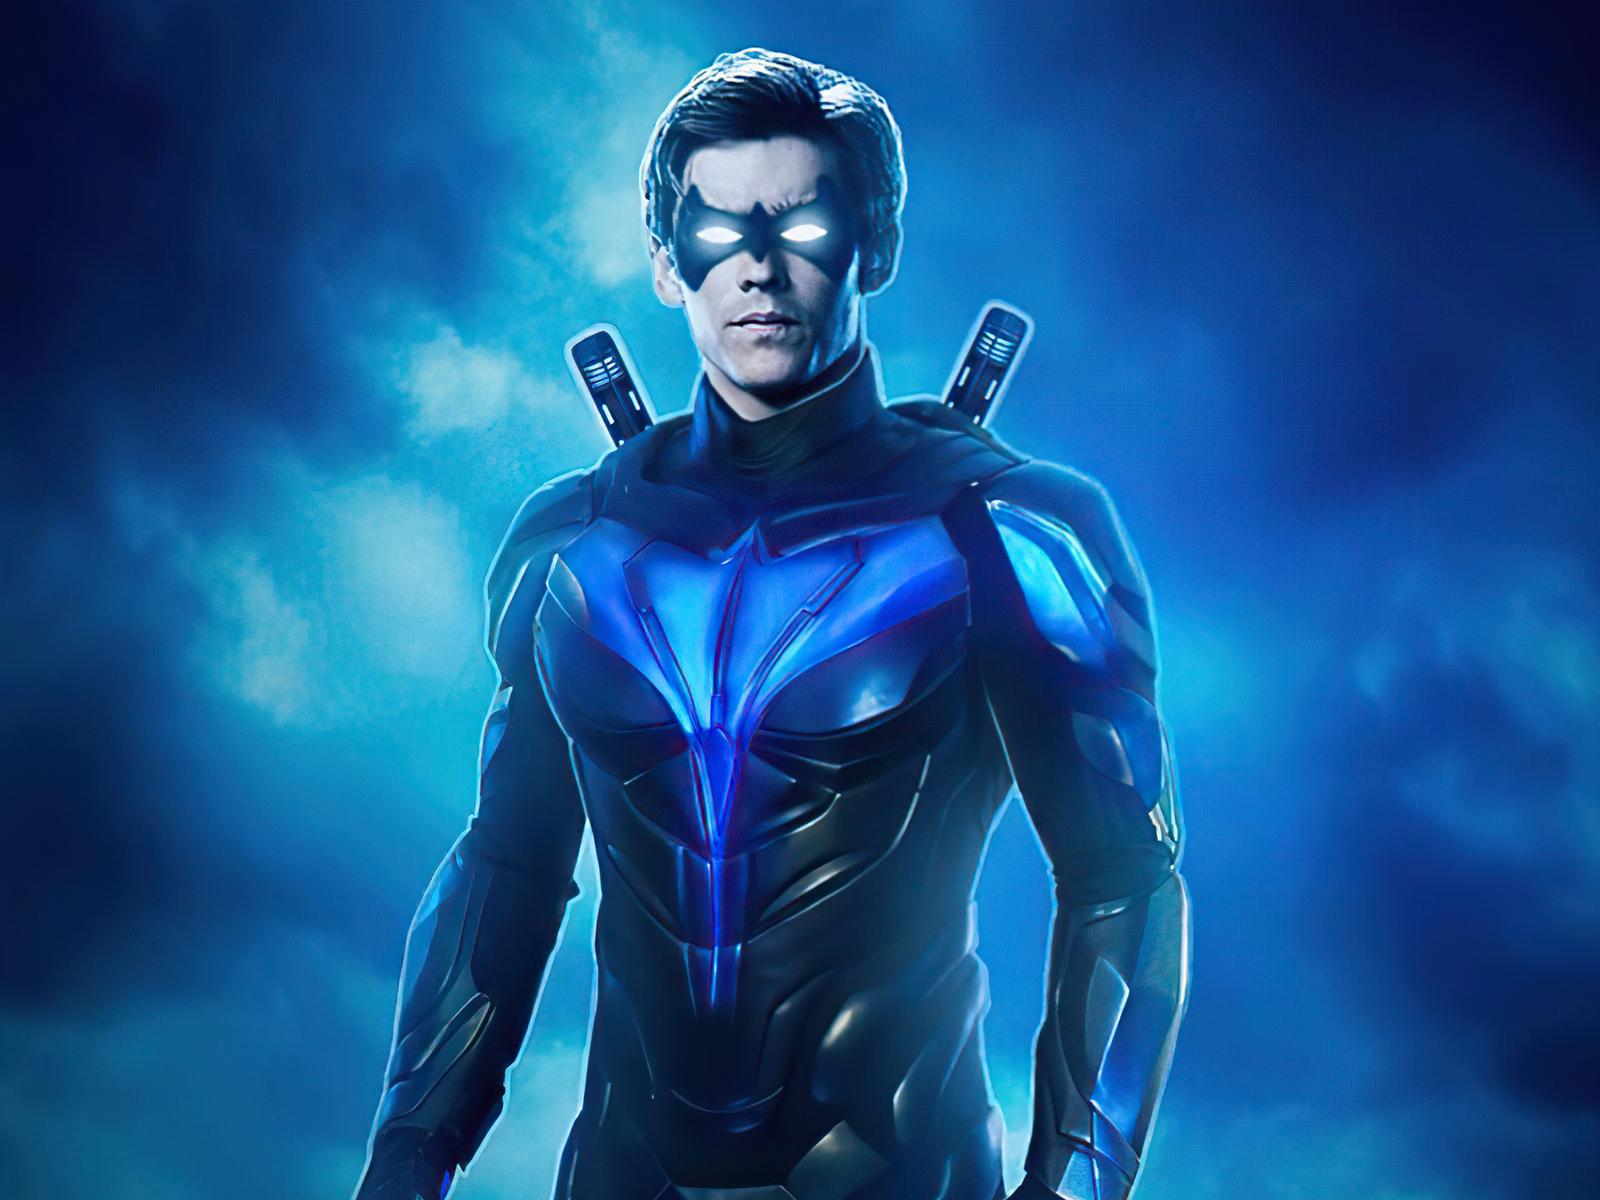 nightwing-blue-suit-4k-li.jpg